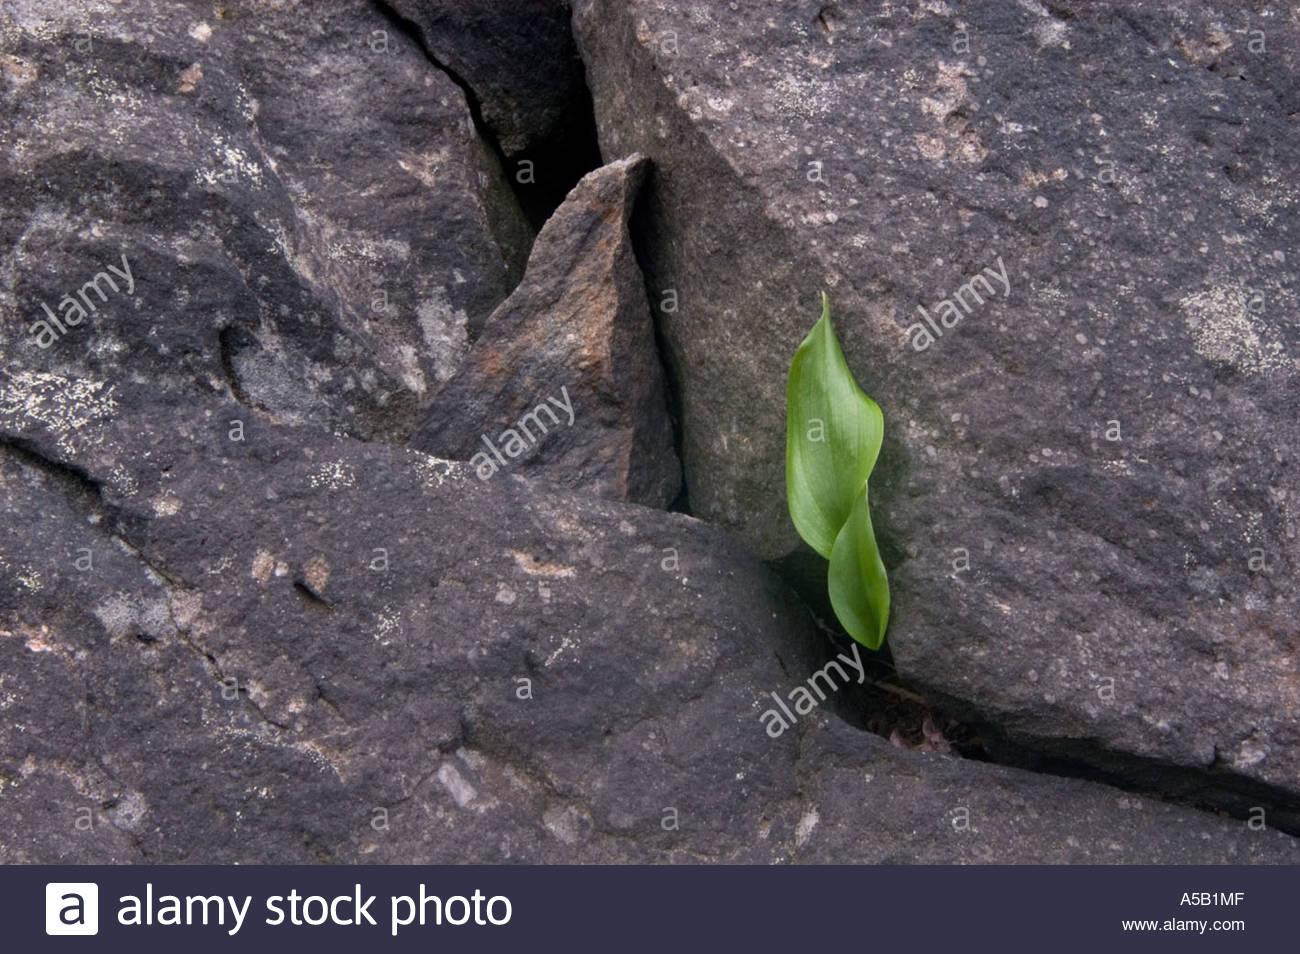 Kanada Mayflower (Maianthemum Canadense) verlässt Jung aus Felsvorsprung. Naughton auf Stockbild